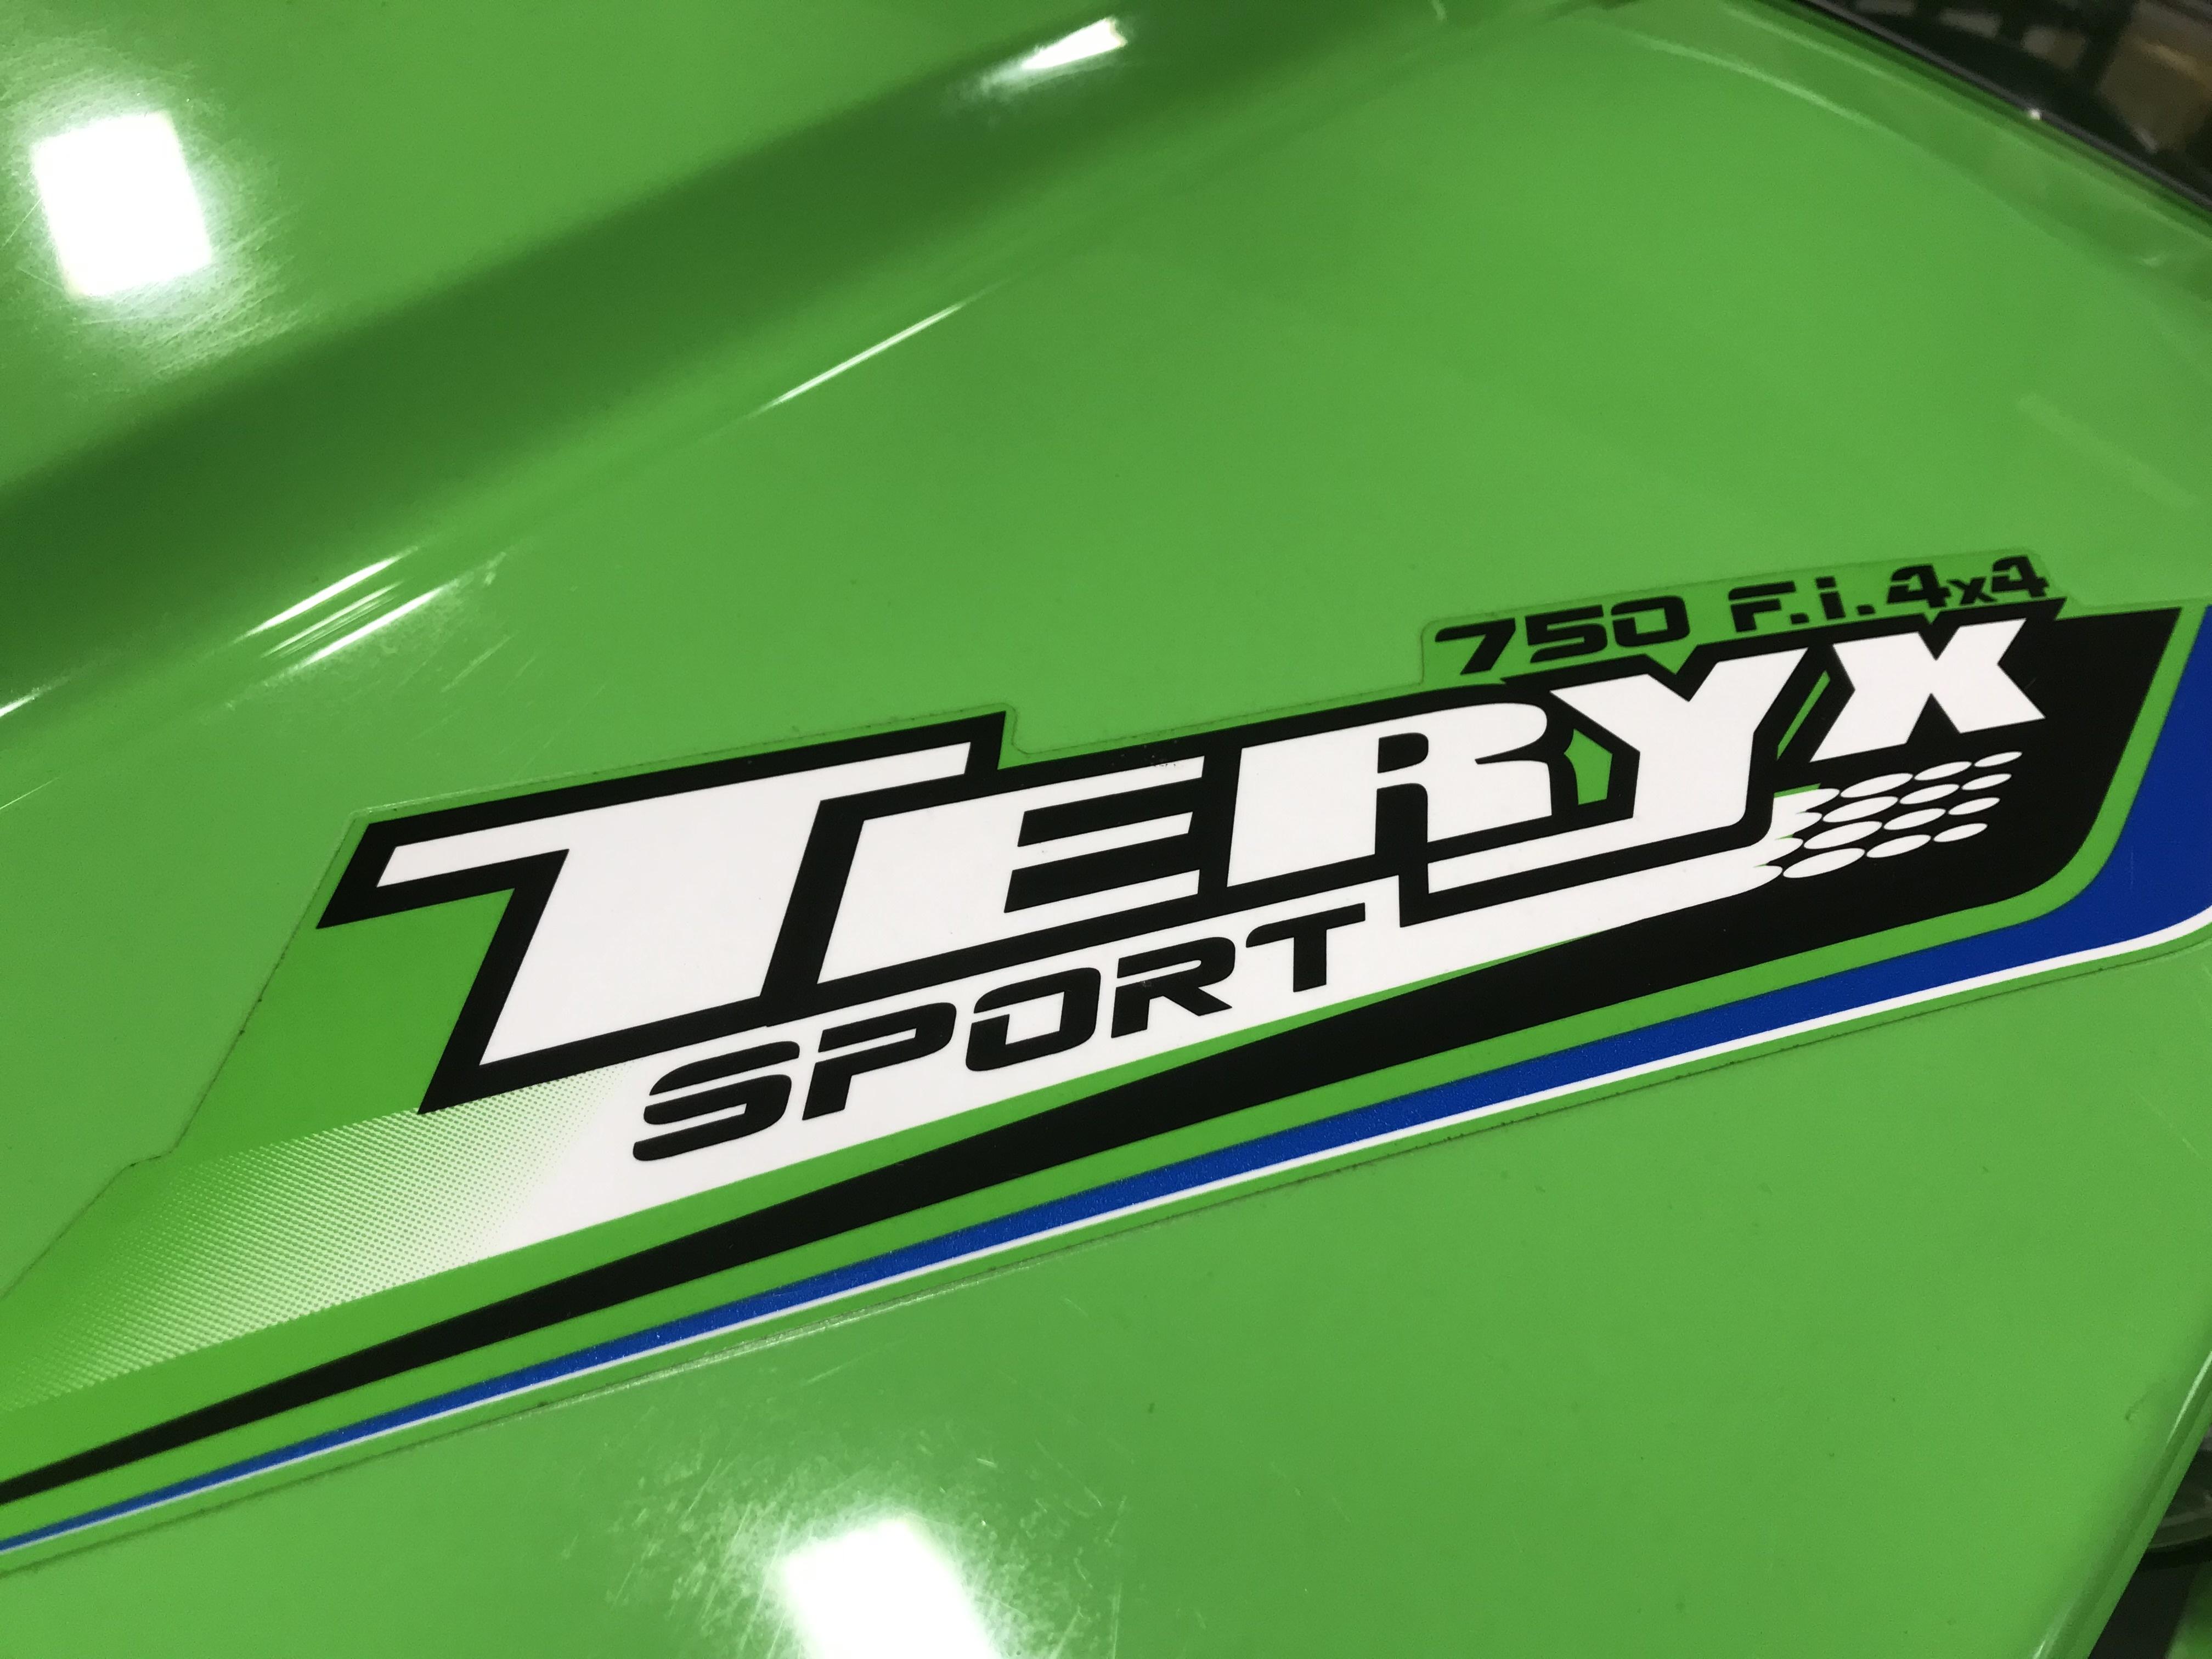 2012 Kawasaki Teryx 750 FI LE Sport